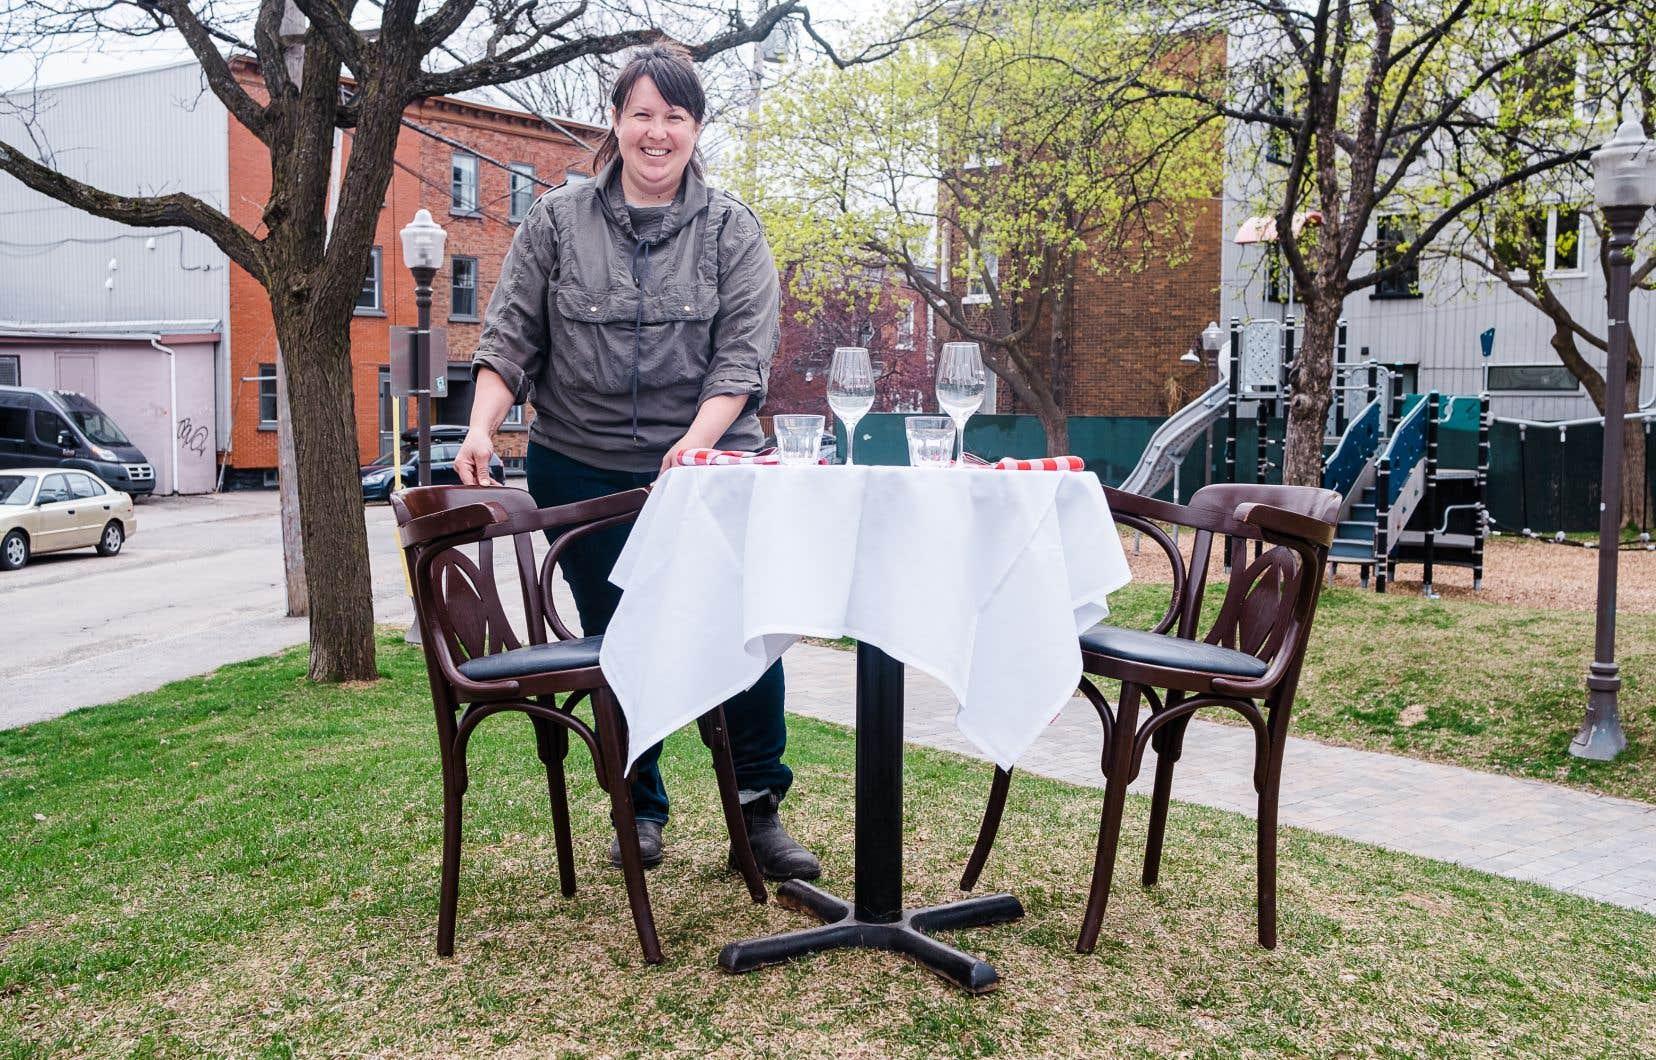 On connaît Thania Goyette et Louis Bouchard-Trudeau, propriétaires des restaurants Le Pied bleu et Le Renard et la Chouette, pour leur inépuisable source d'idées originales.